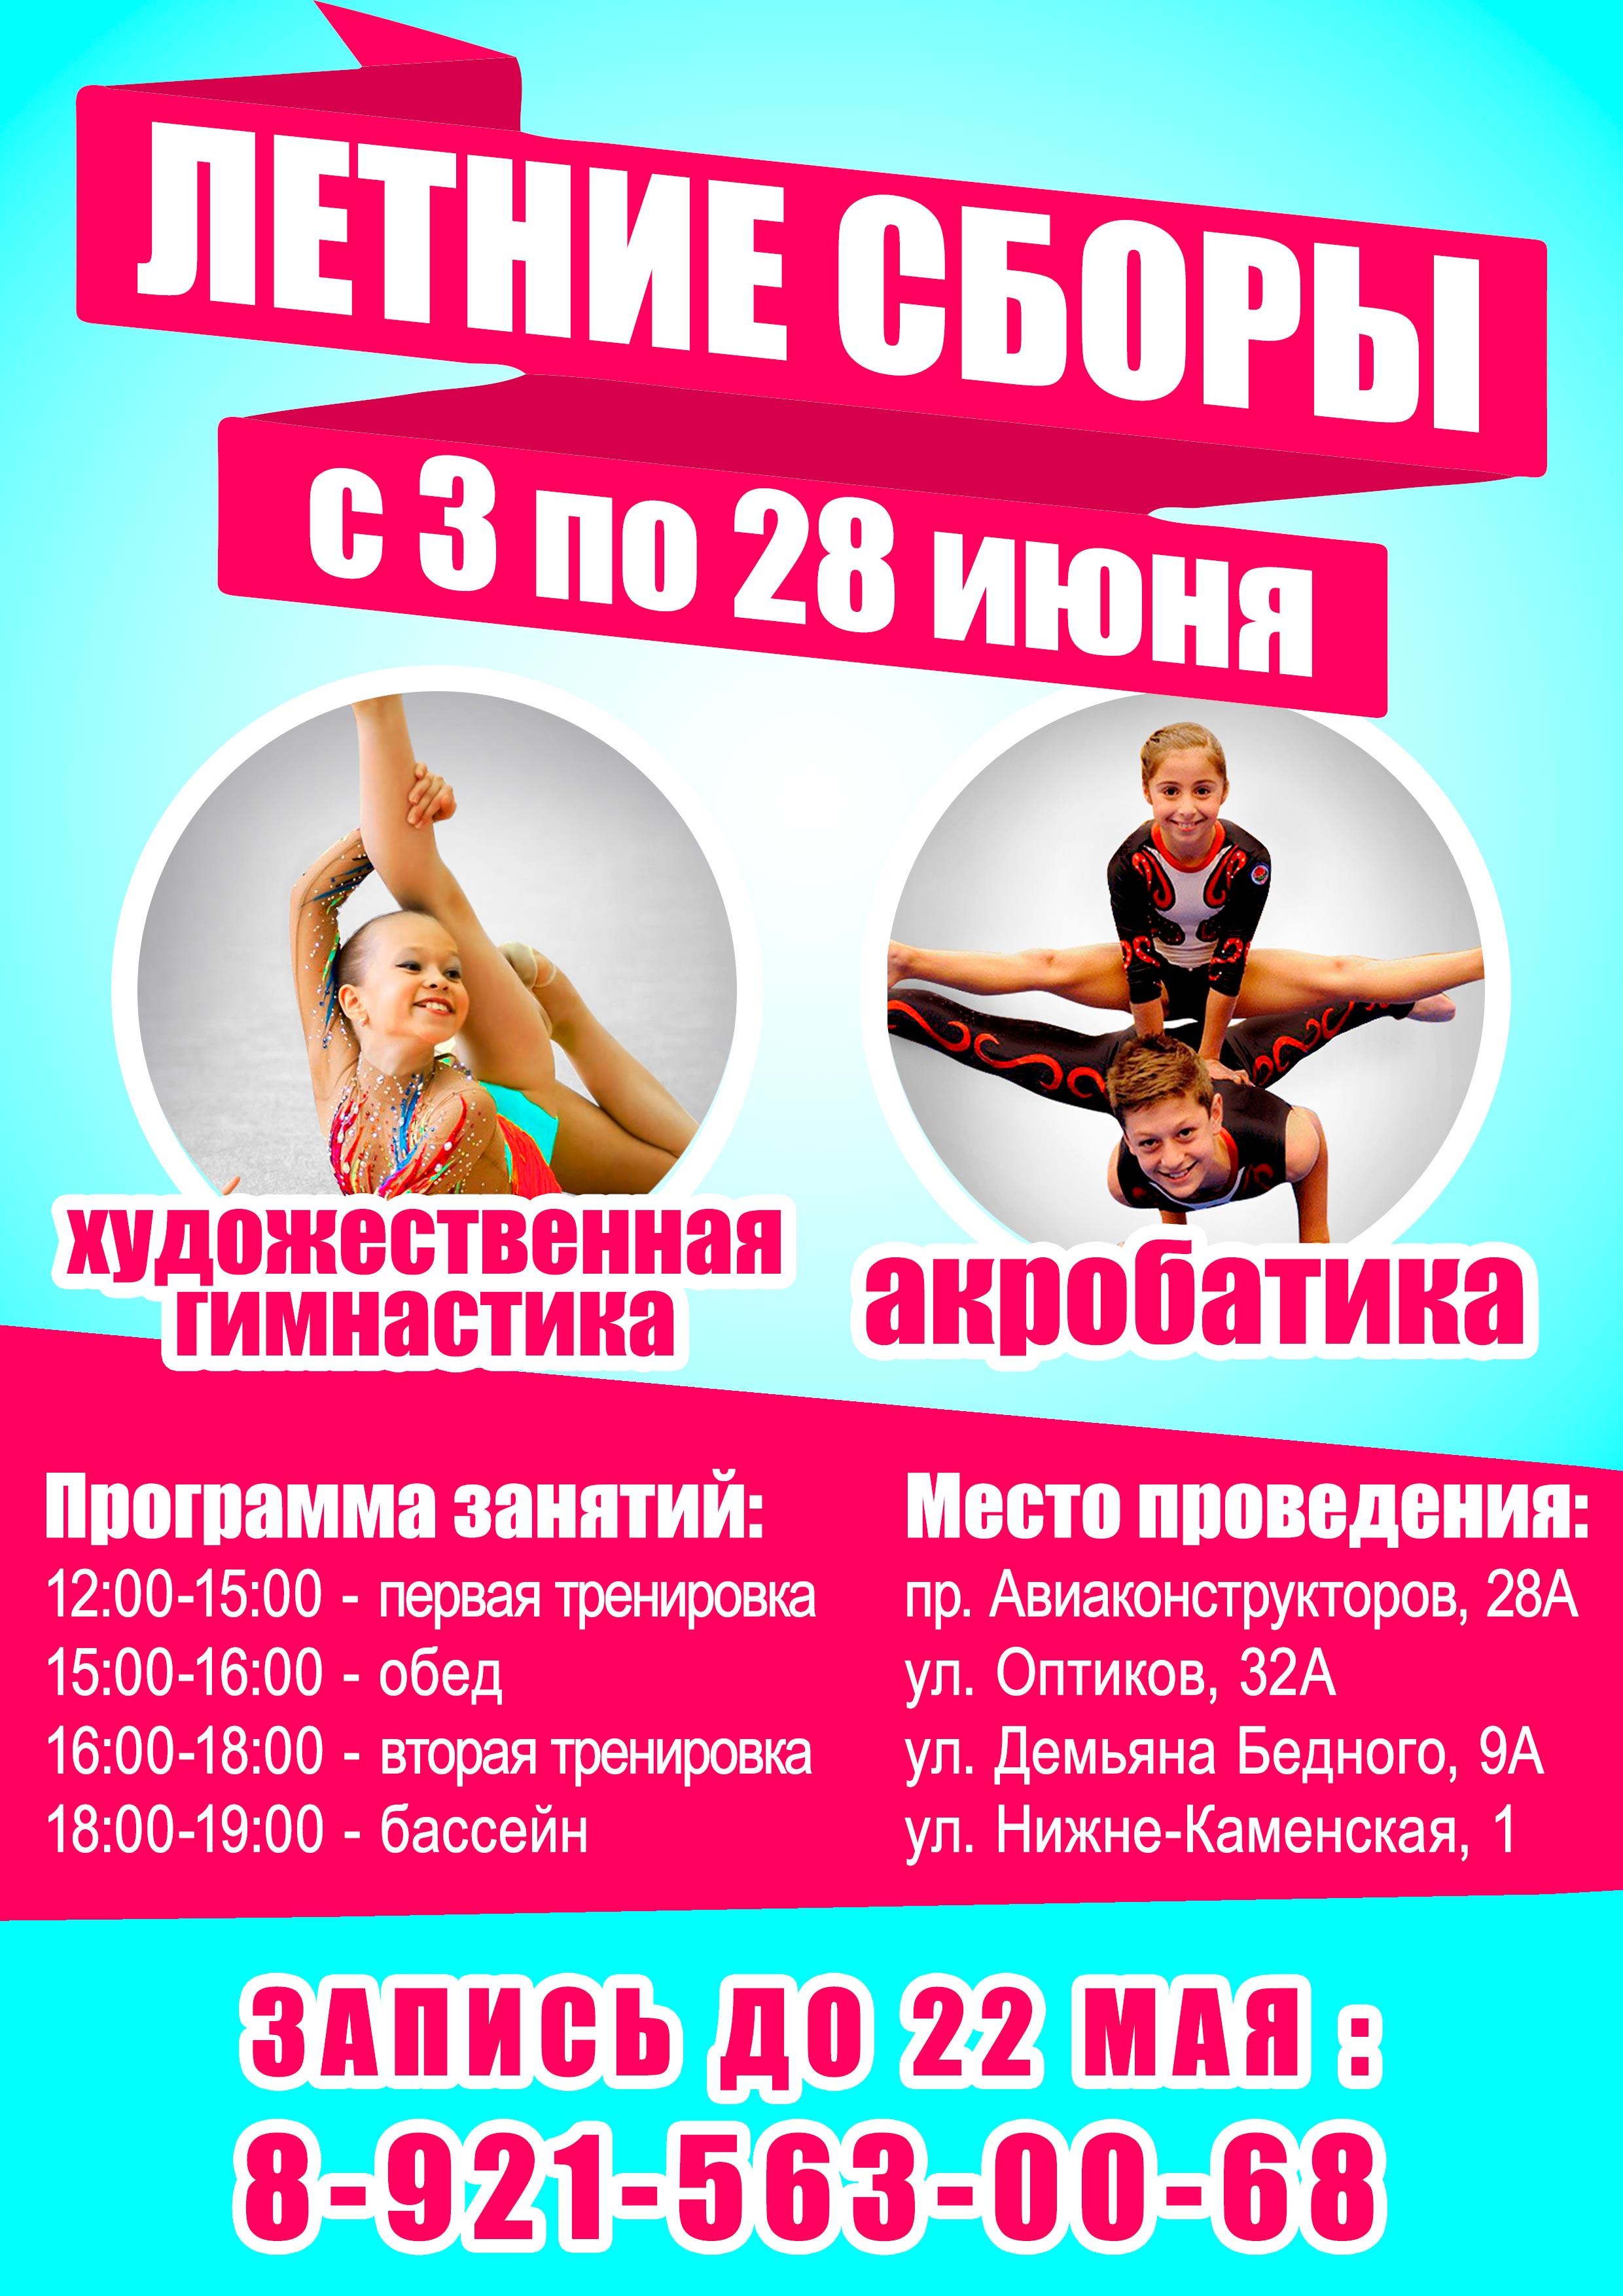 ЛЕТНИЕ УЧЕБНО-ТРЕНИРОВОЧНЫЕ СБОРЫ 2019